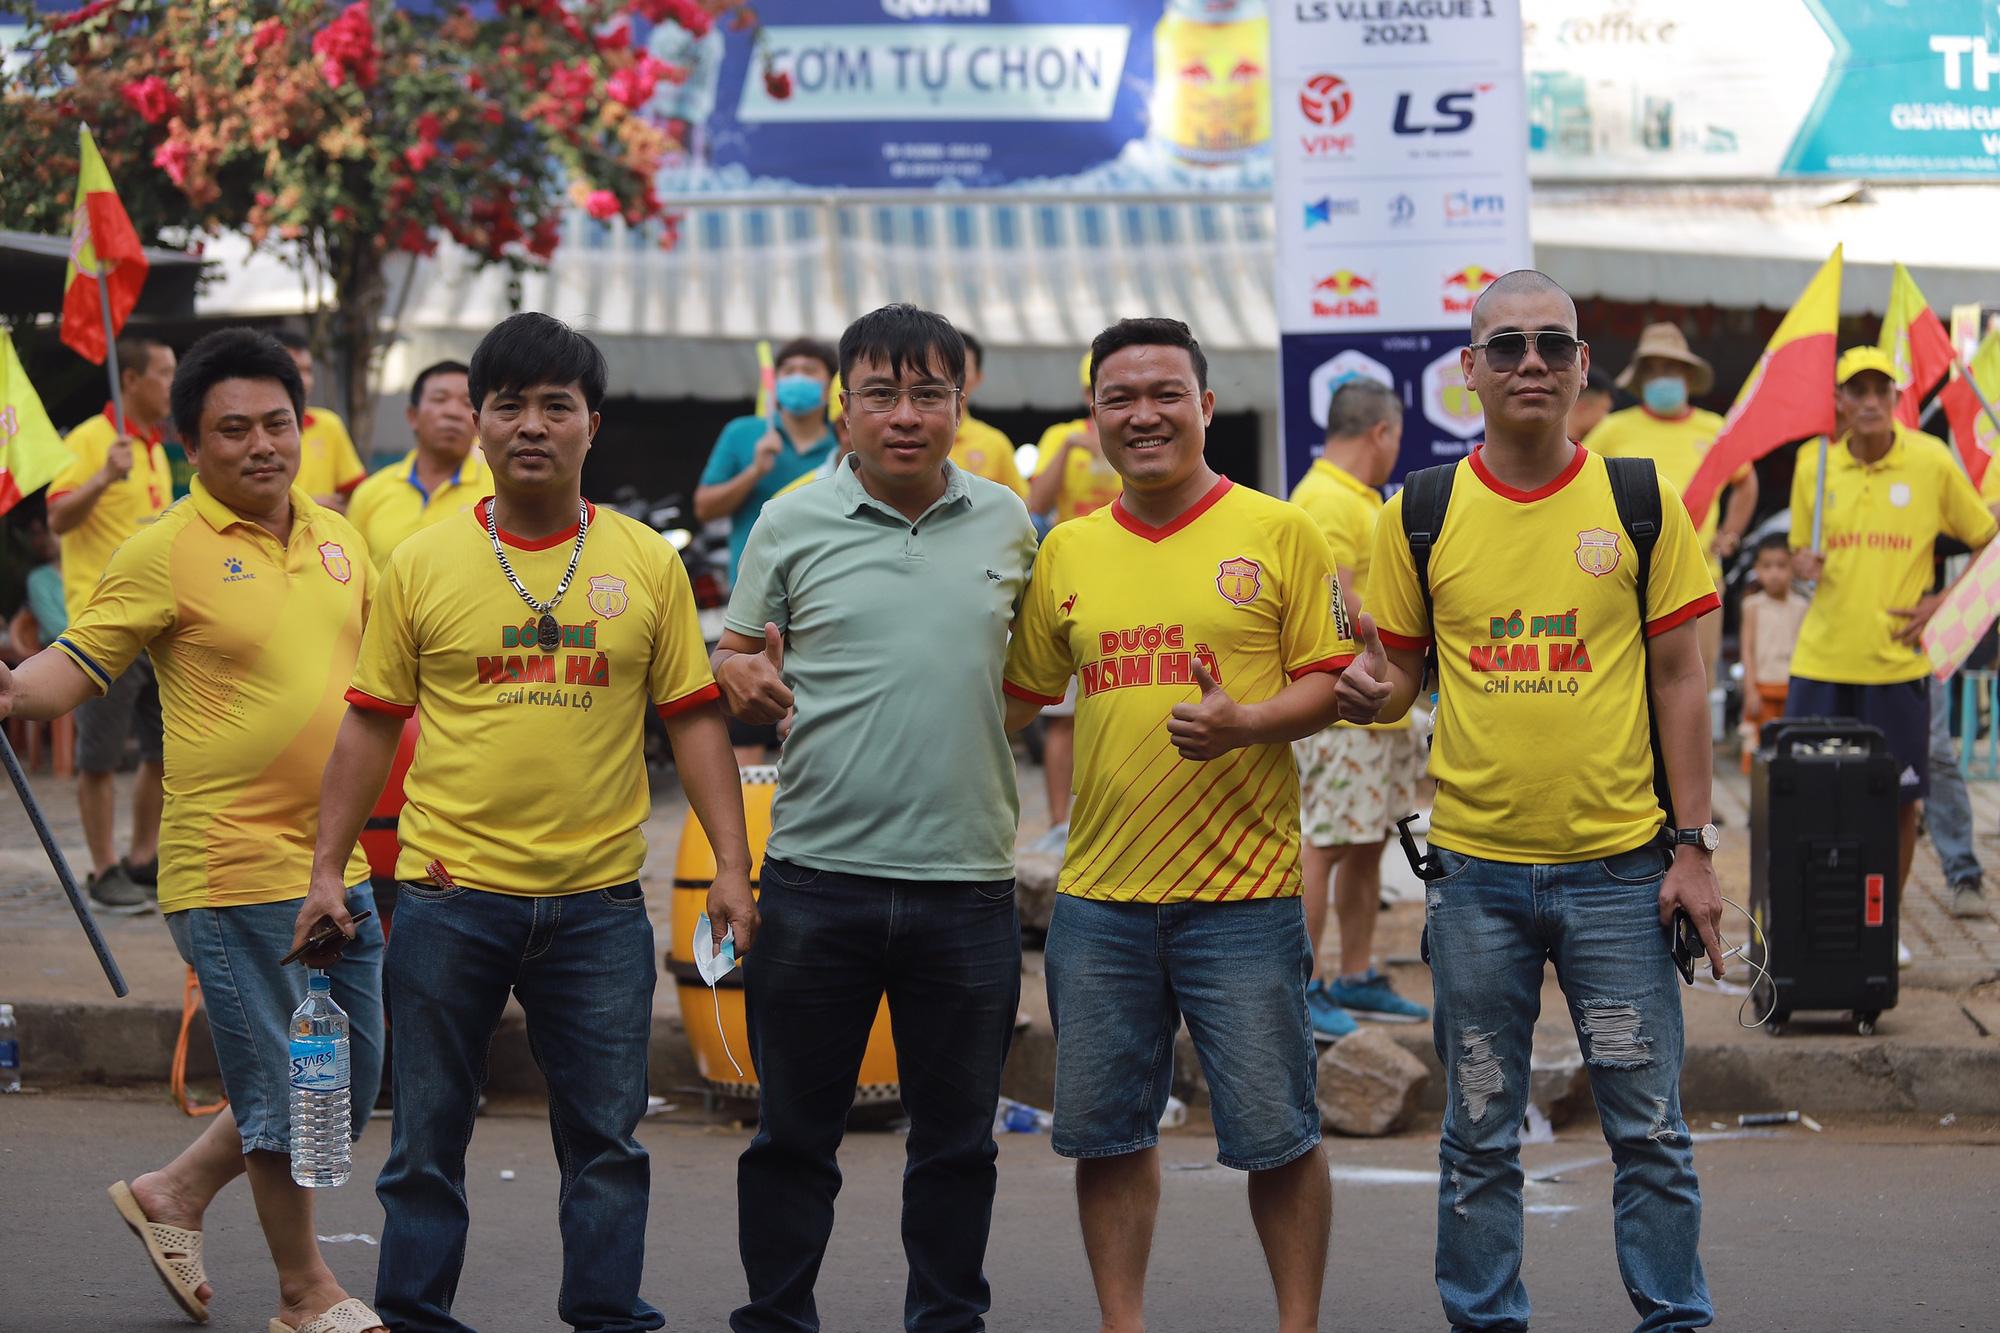 CĐV Nam Định đốt pháo sáng, đánh trống, khua chiêng náo động sân nhà HAGL - Ảnh 2.